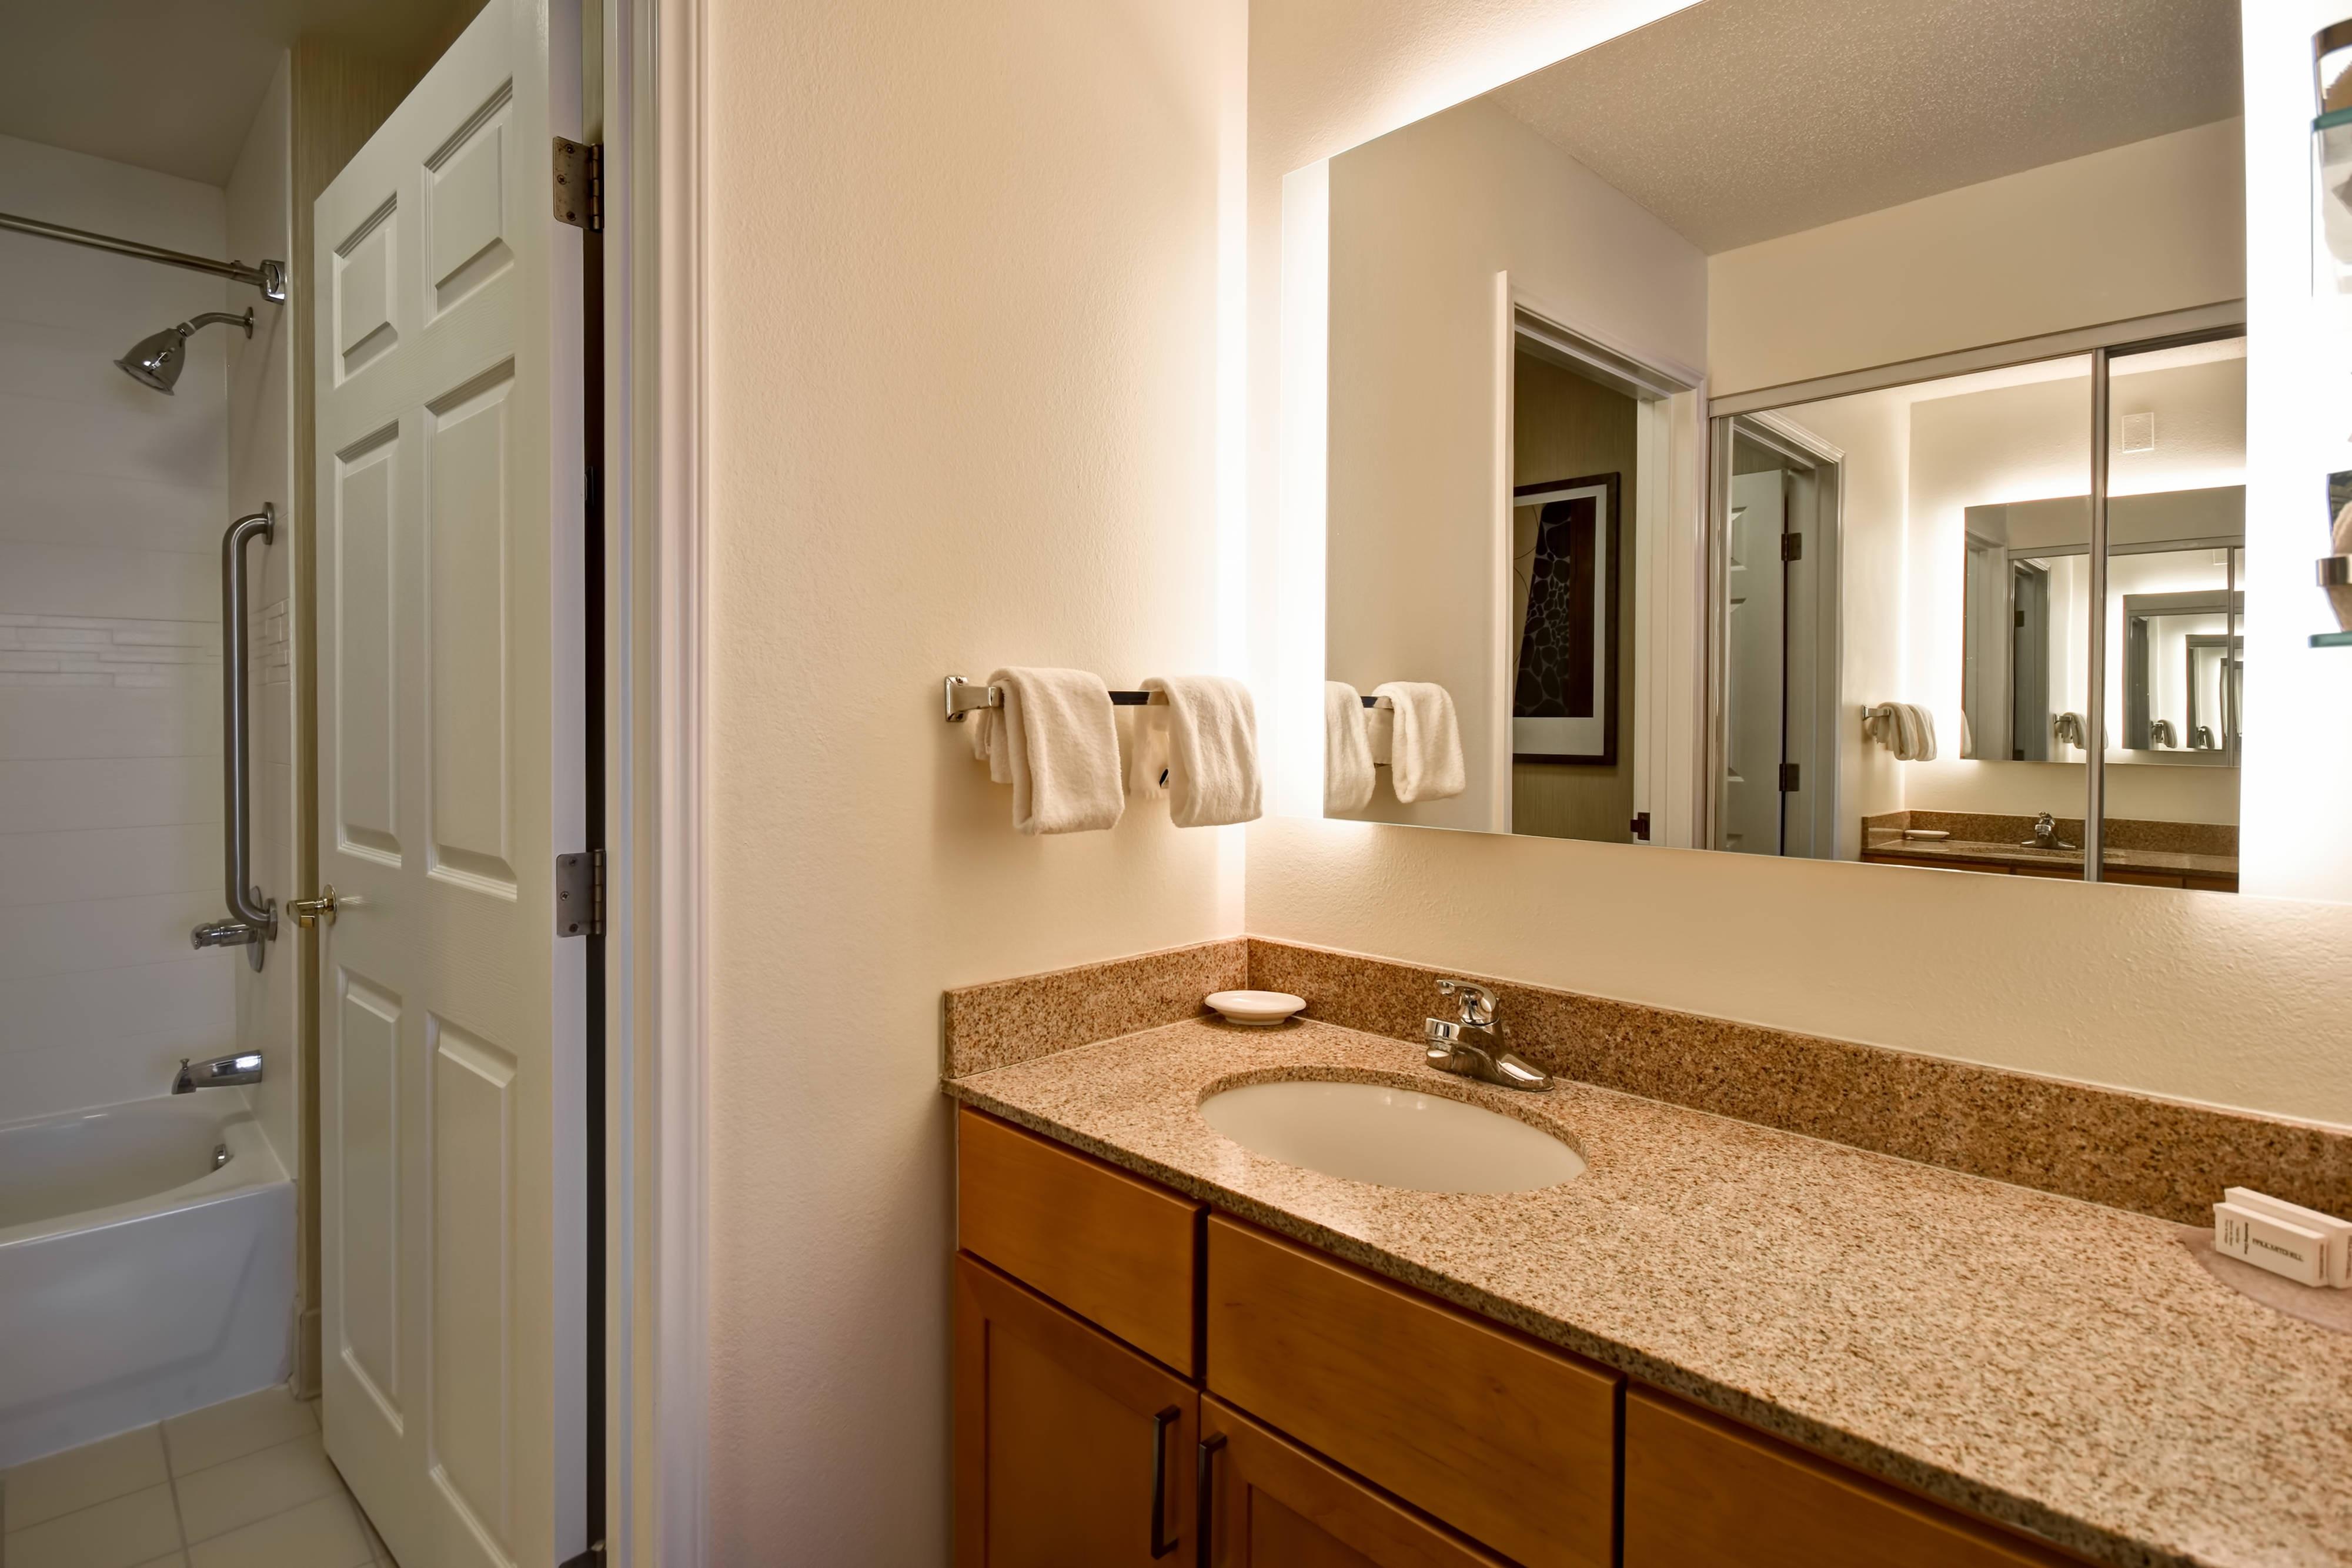 客室バスルーム-シャワーとバスタブのコンビネーション